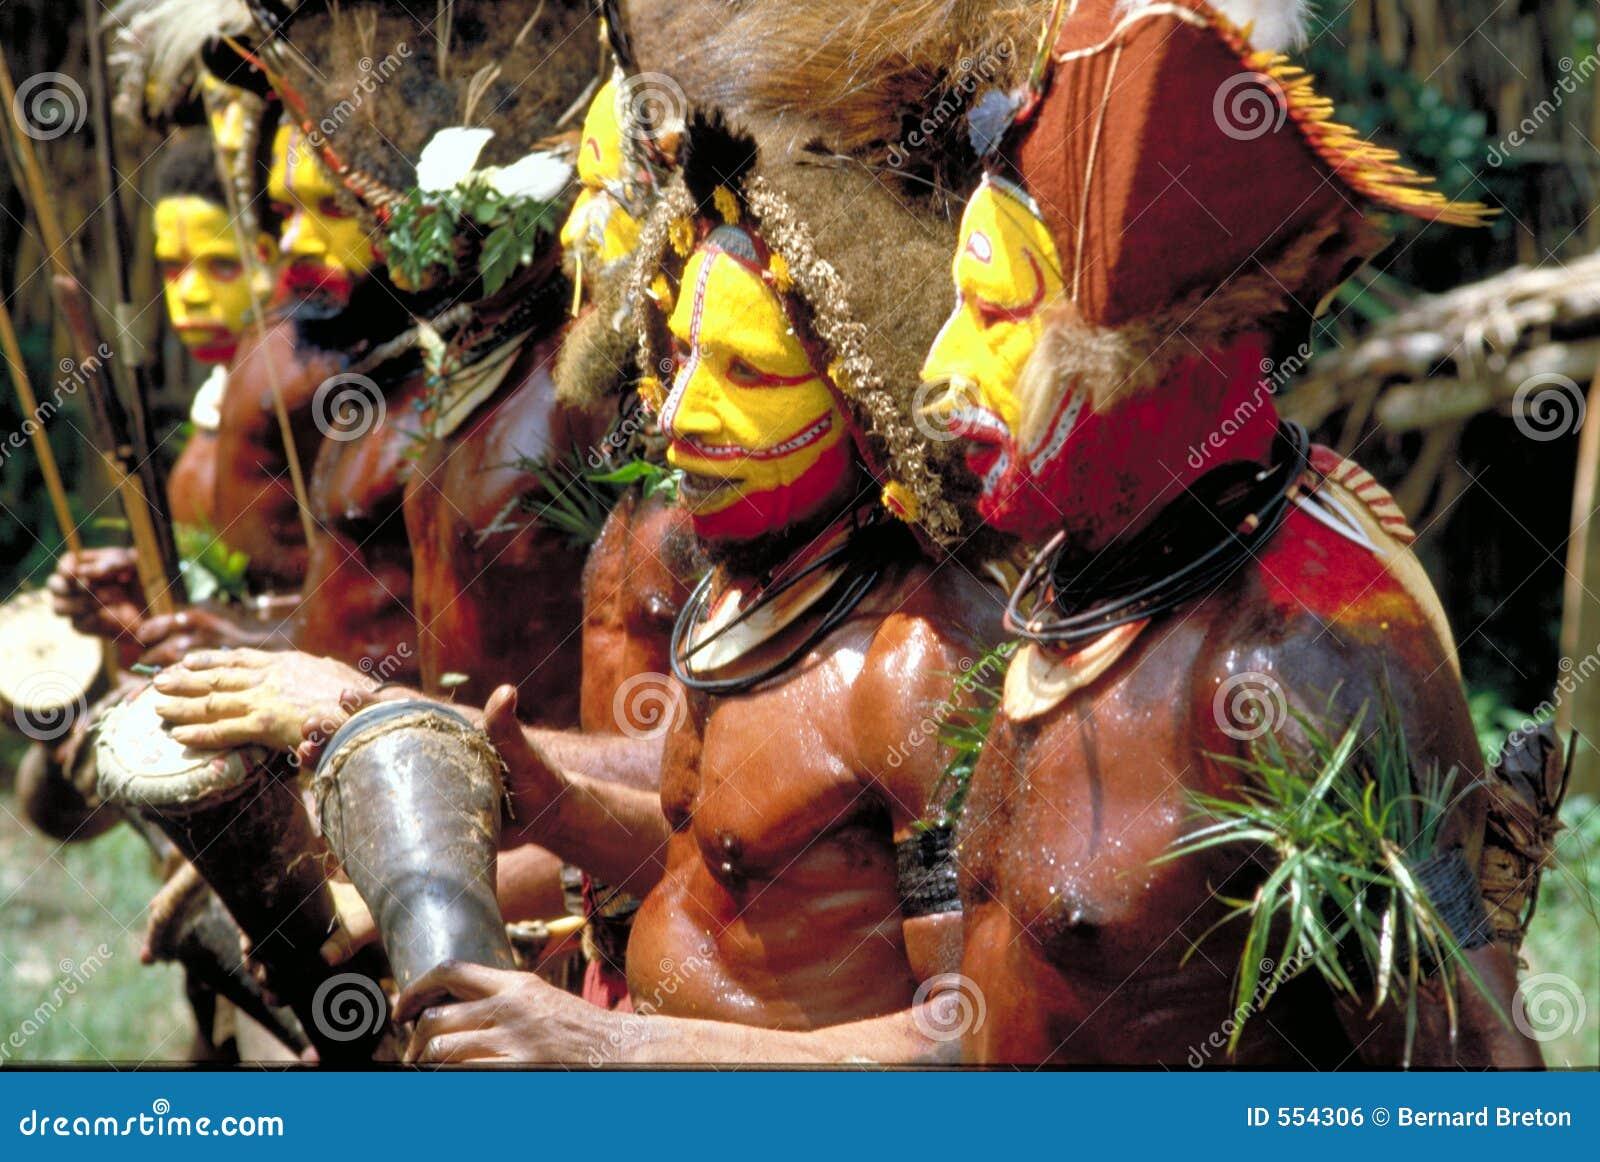 Papuá-Nova Guiné, dança